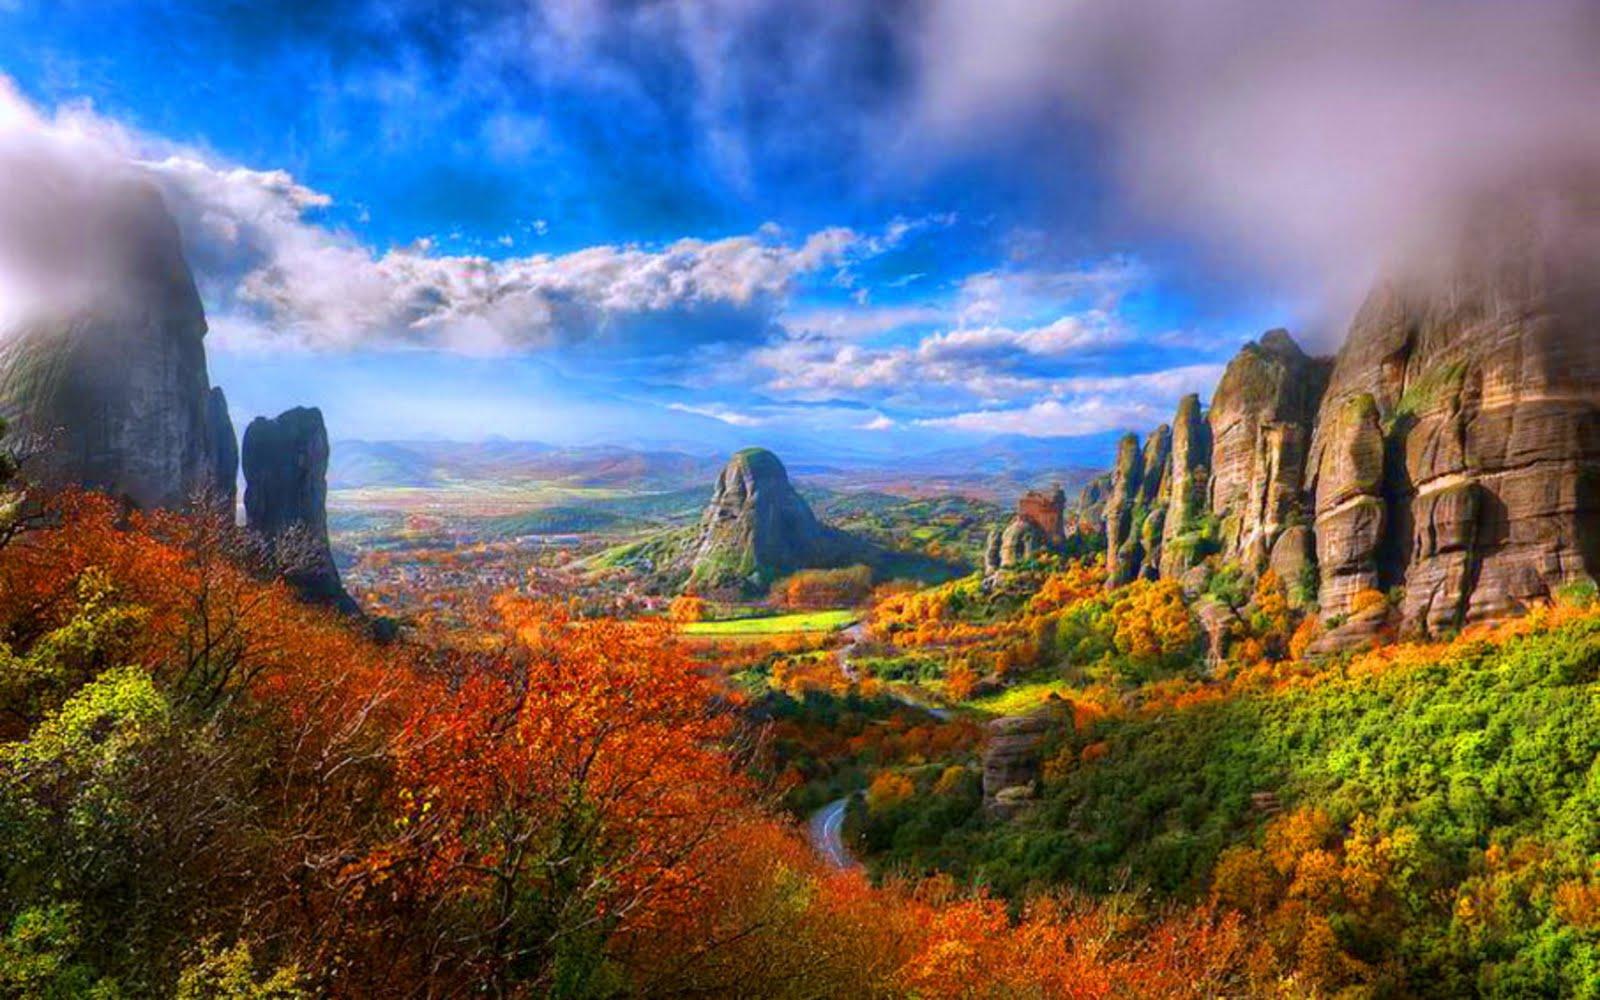 https://3.bp.blogspot.com/-V7TkdhHC1zE/TlNvFQCkwzI/AAAAAAAADu0/eJn6ZHg1X8k/s1600/autnumn_landscape_5.jpg